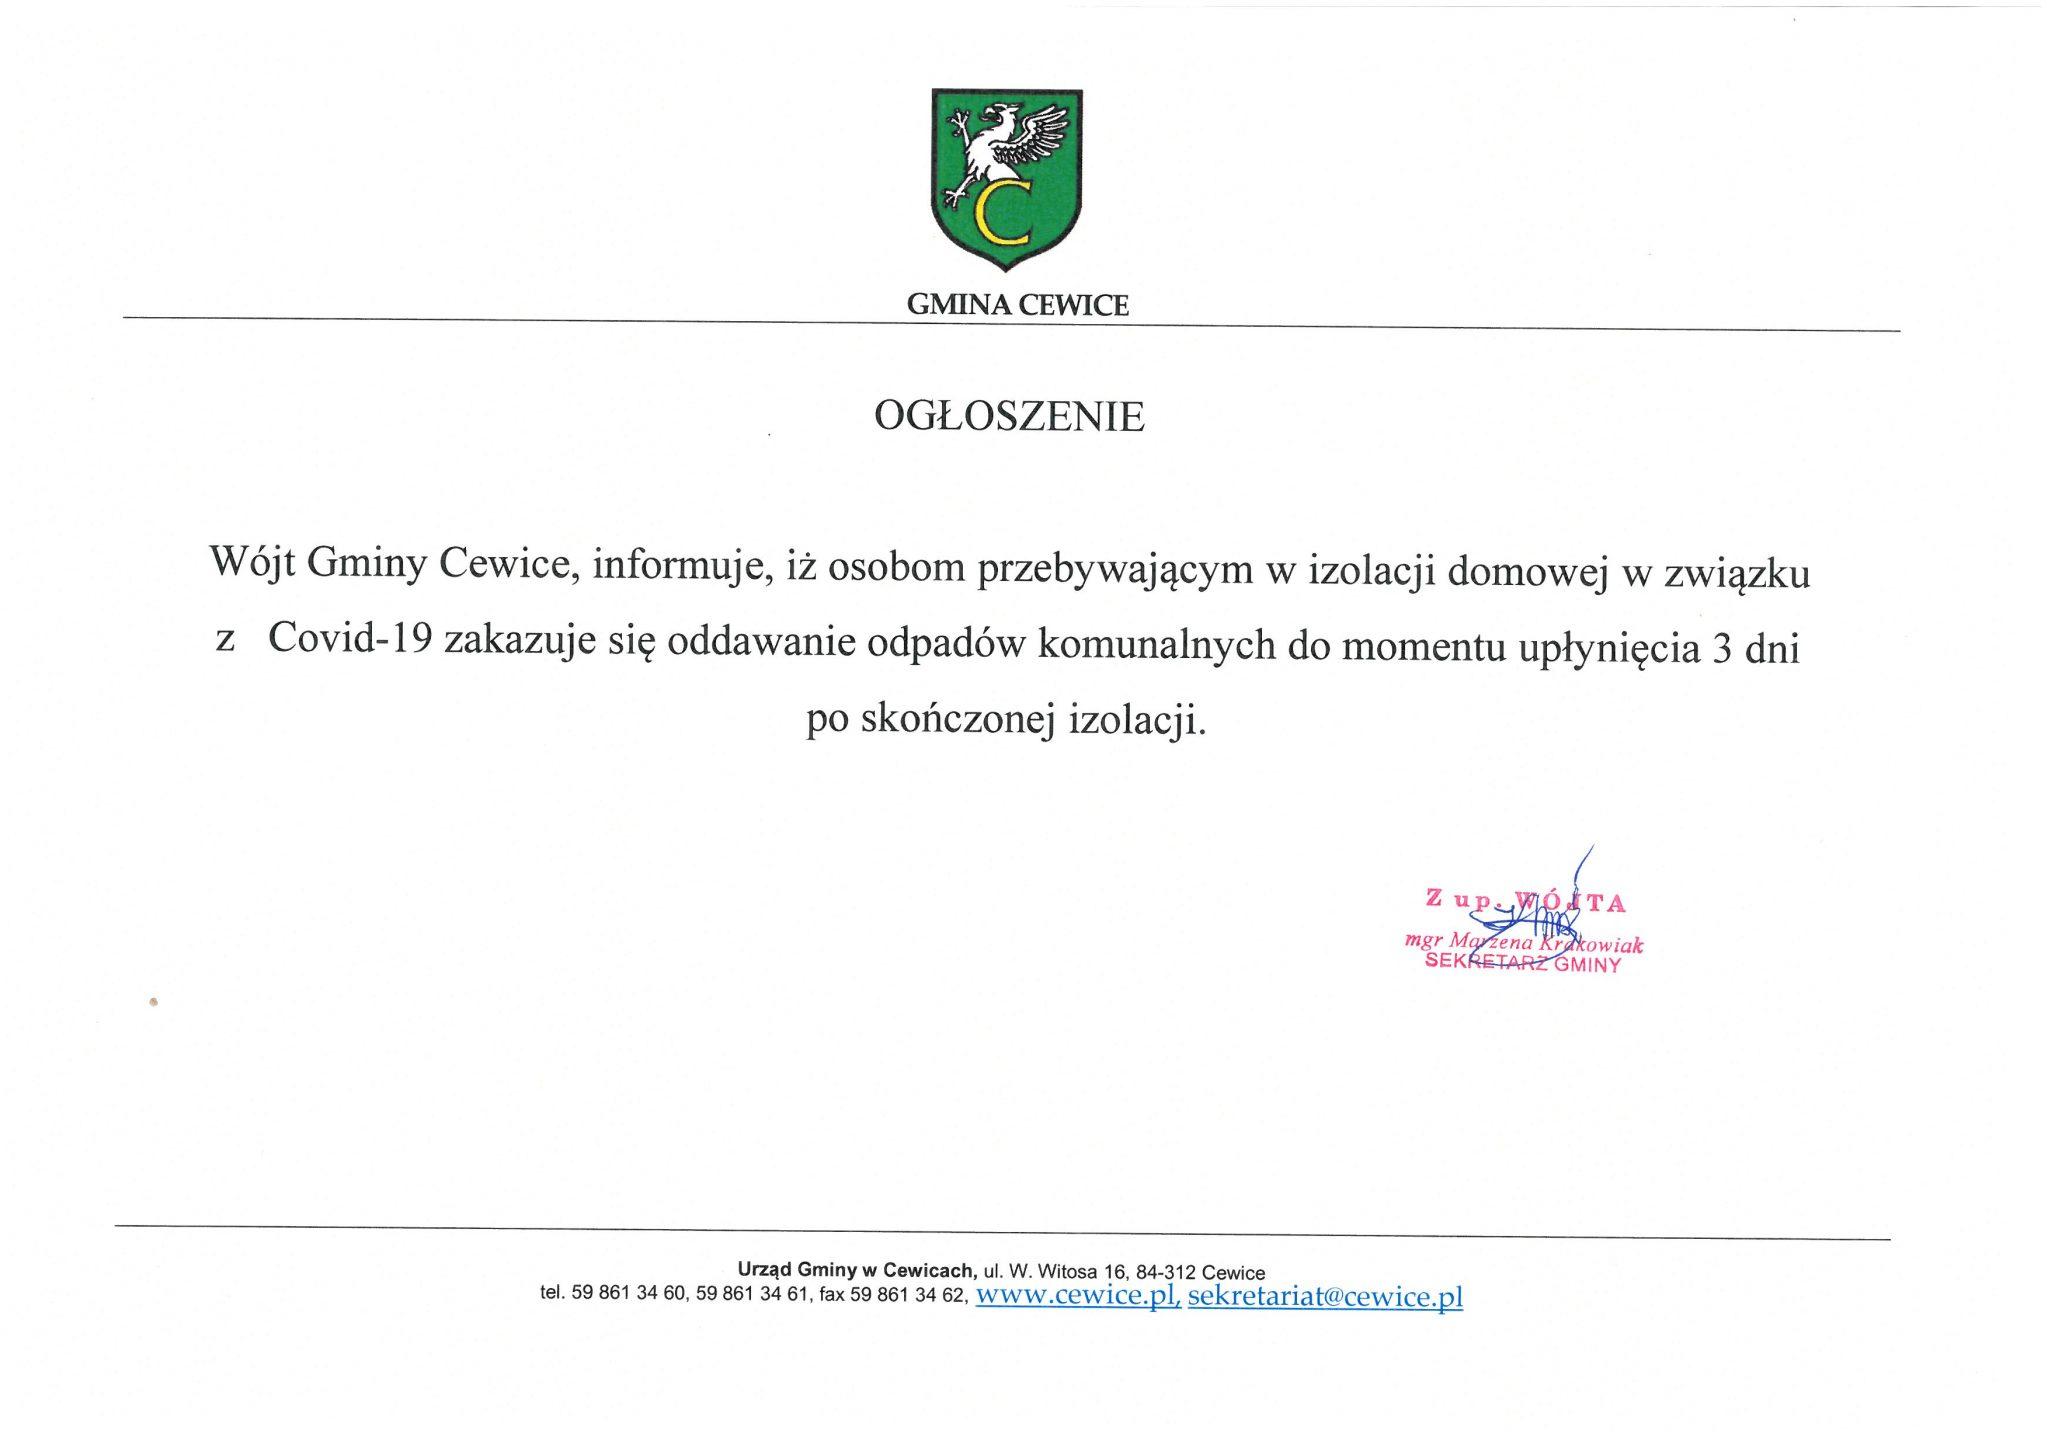 Wójt Gminy Cewice, informuje, iż osobom przebywającym w izolacji domowej w związku z COVID-19 zakazuje się oddawanie odpadów komunalnych do momentu upłynięcia 3 dni po skończeniu izolacji.